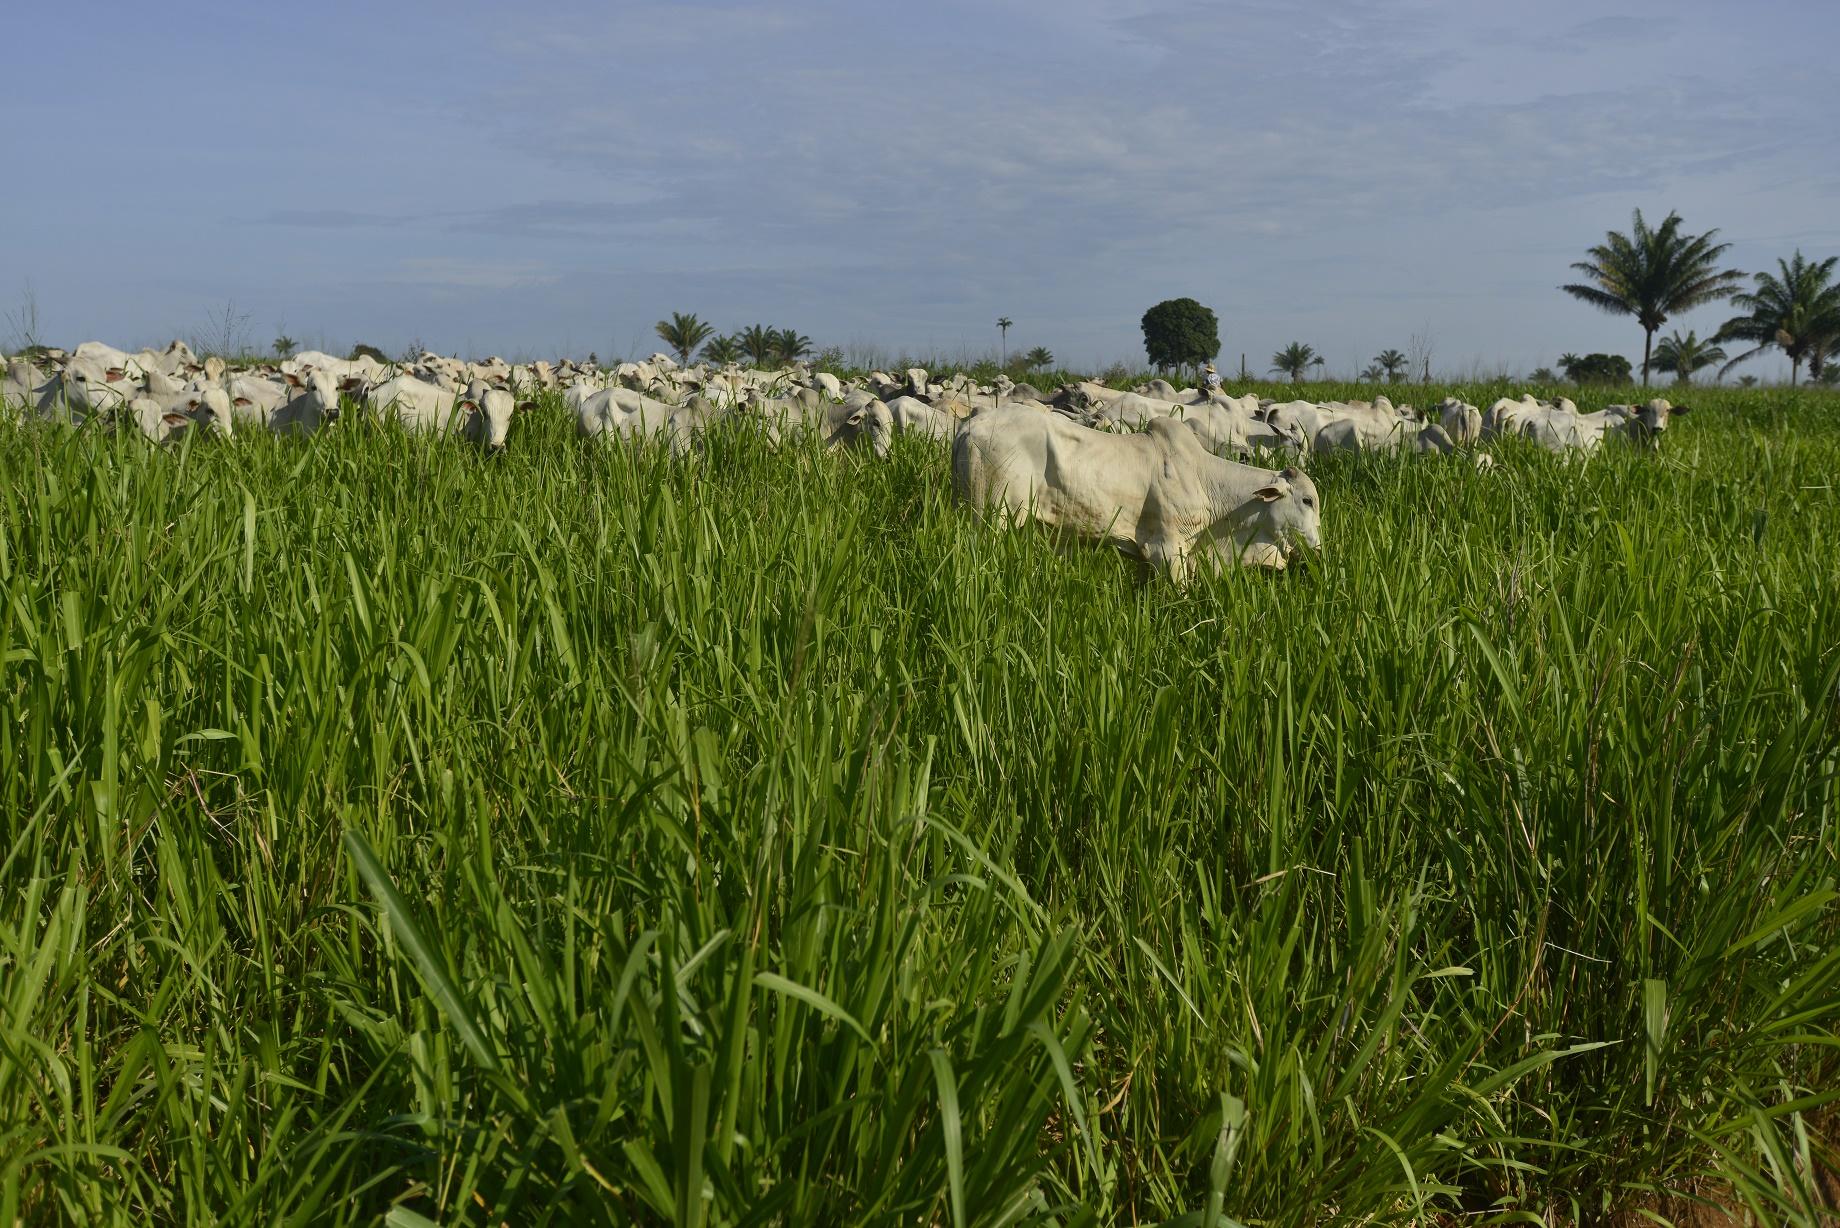 Quase 40% da carne consumida no Brasil vem da Amazônia, e a pecuária é a principal responsável pelo desmatamento na região. Arquivo ICV